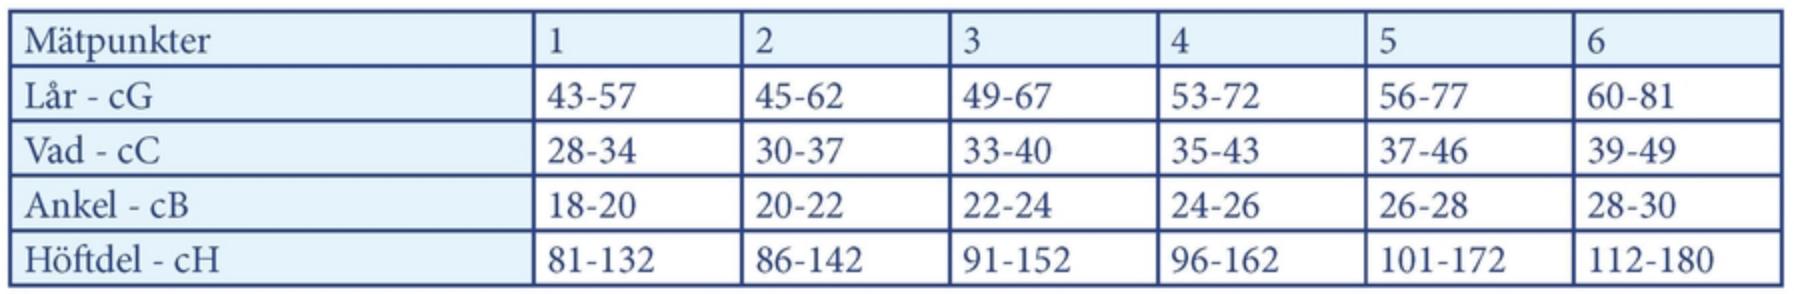 Mätpunkter för Gravidstrumpbyxa